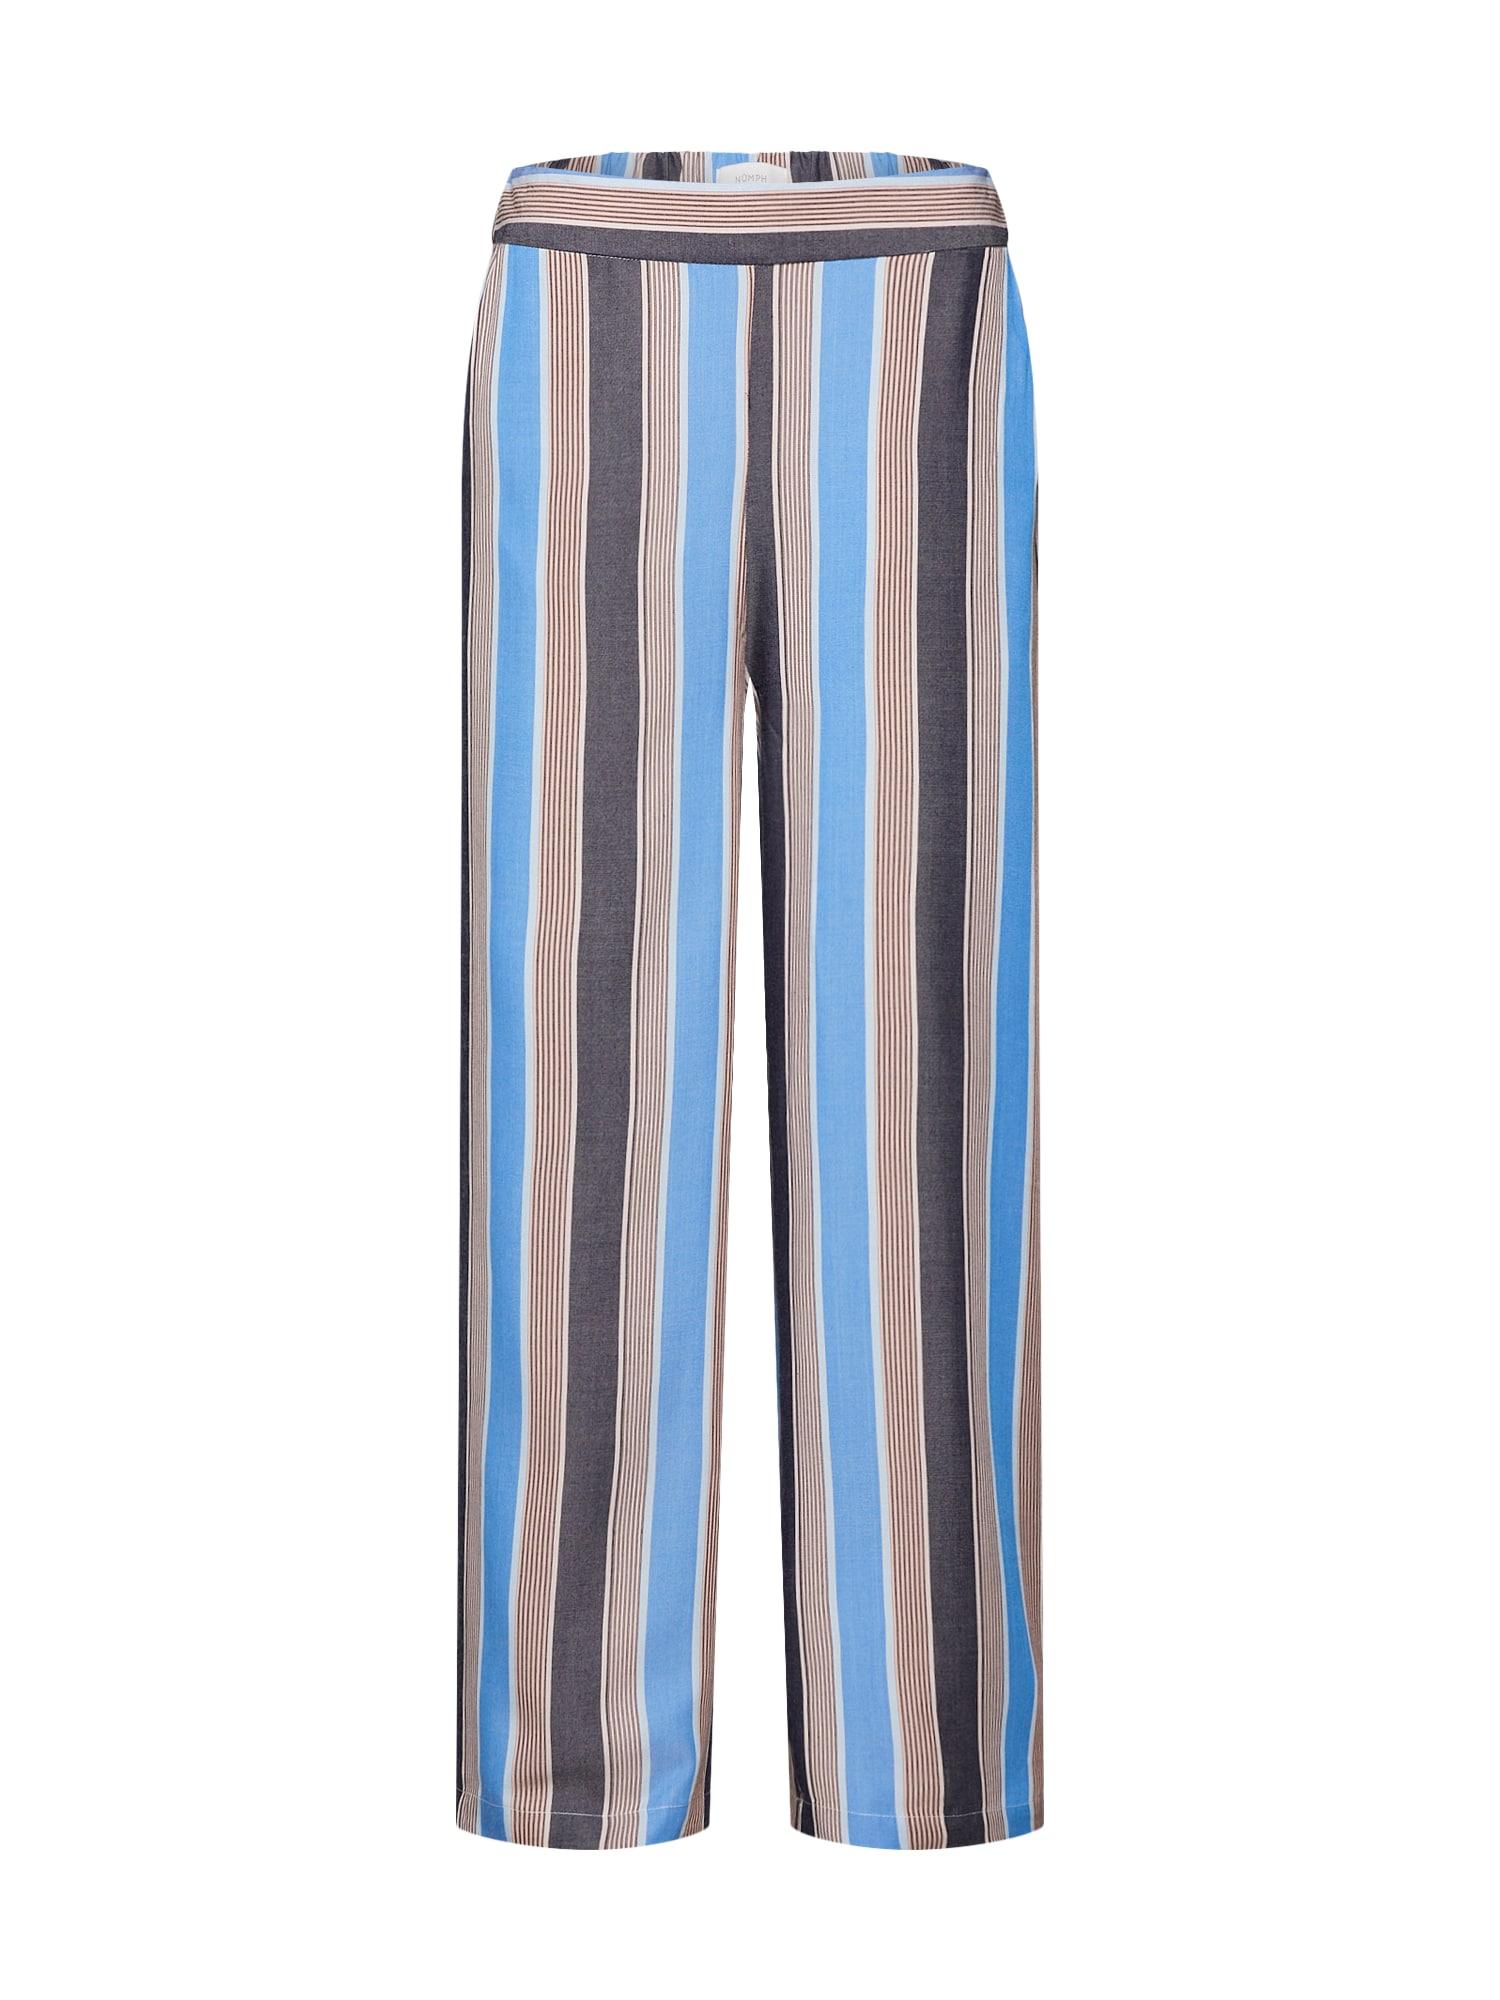 Kalhoty New Avonlea modrá hnědá NÜMPH